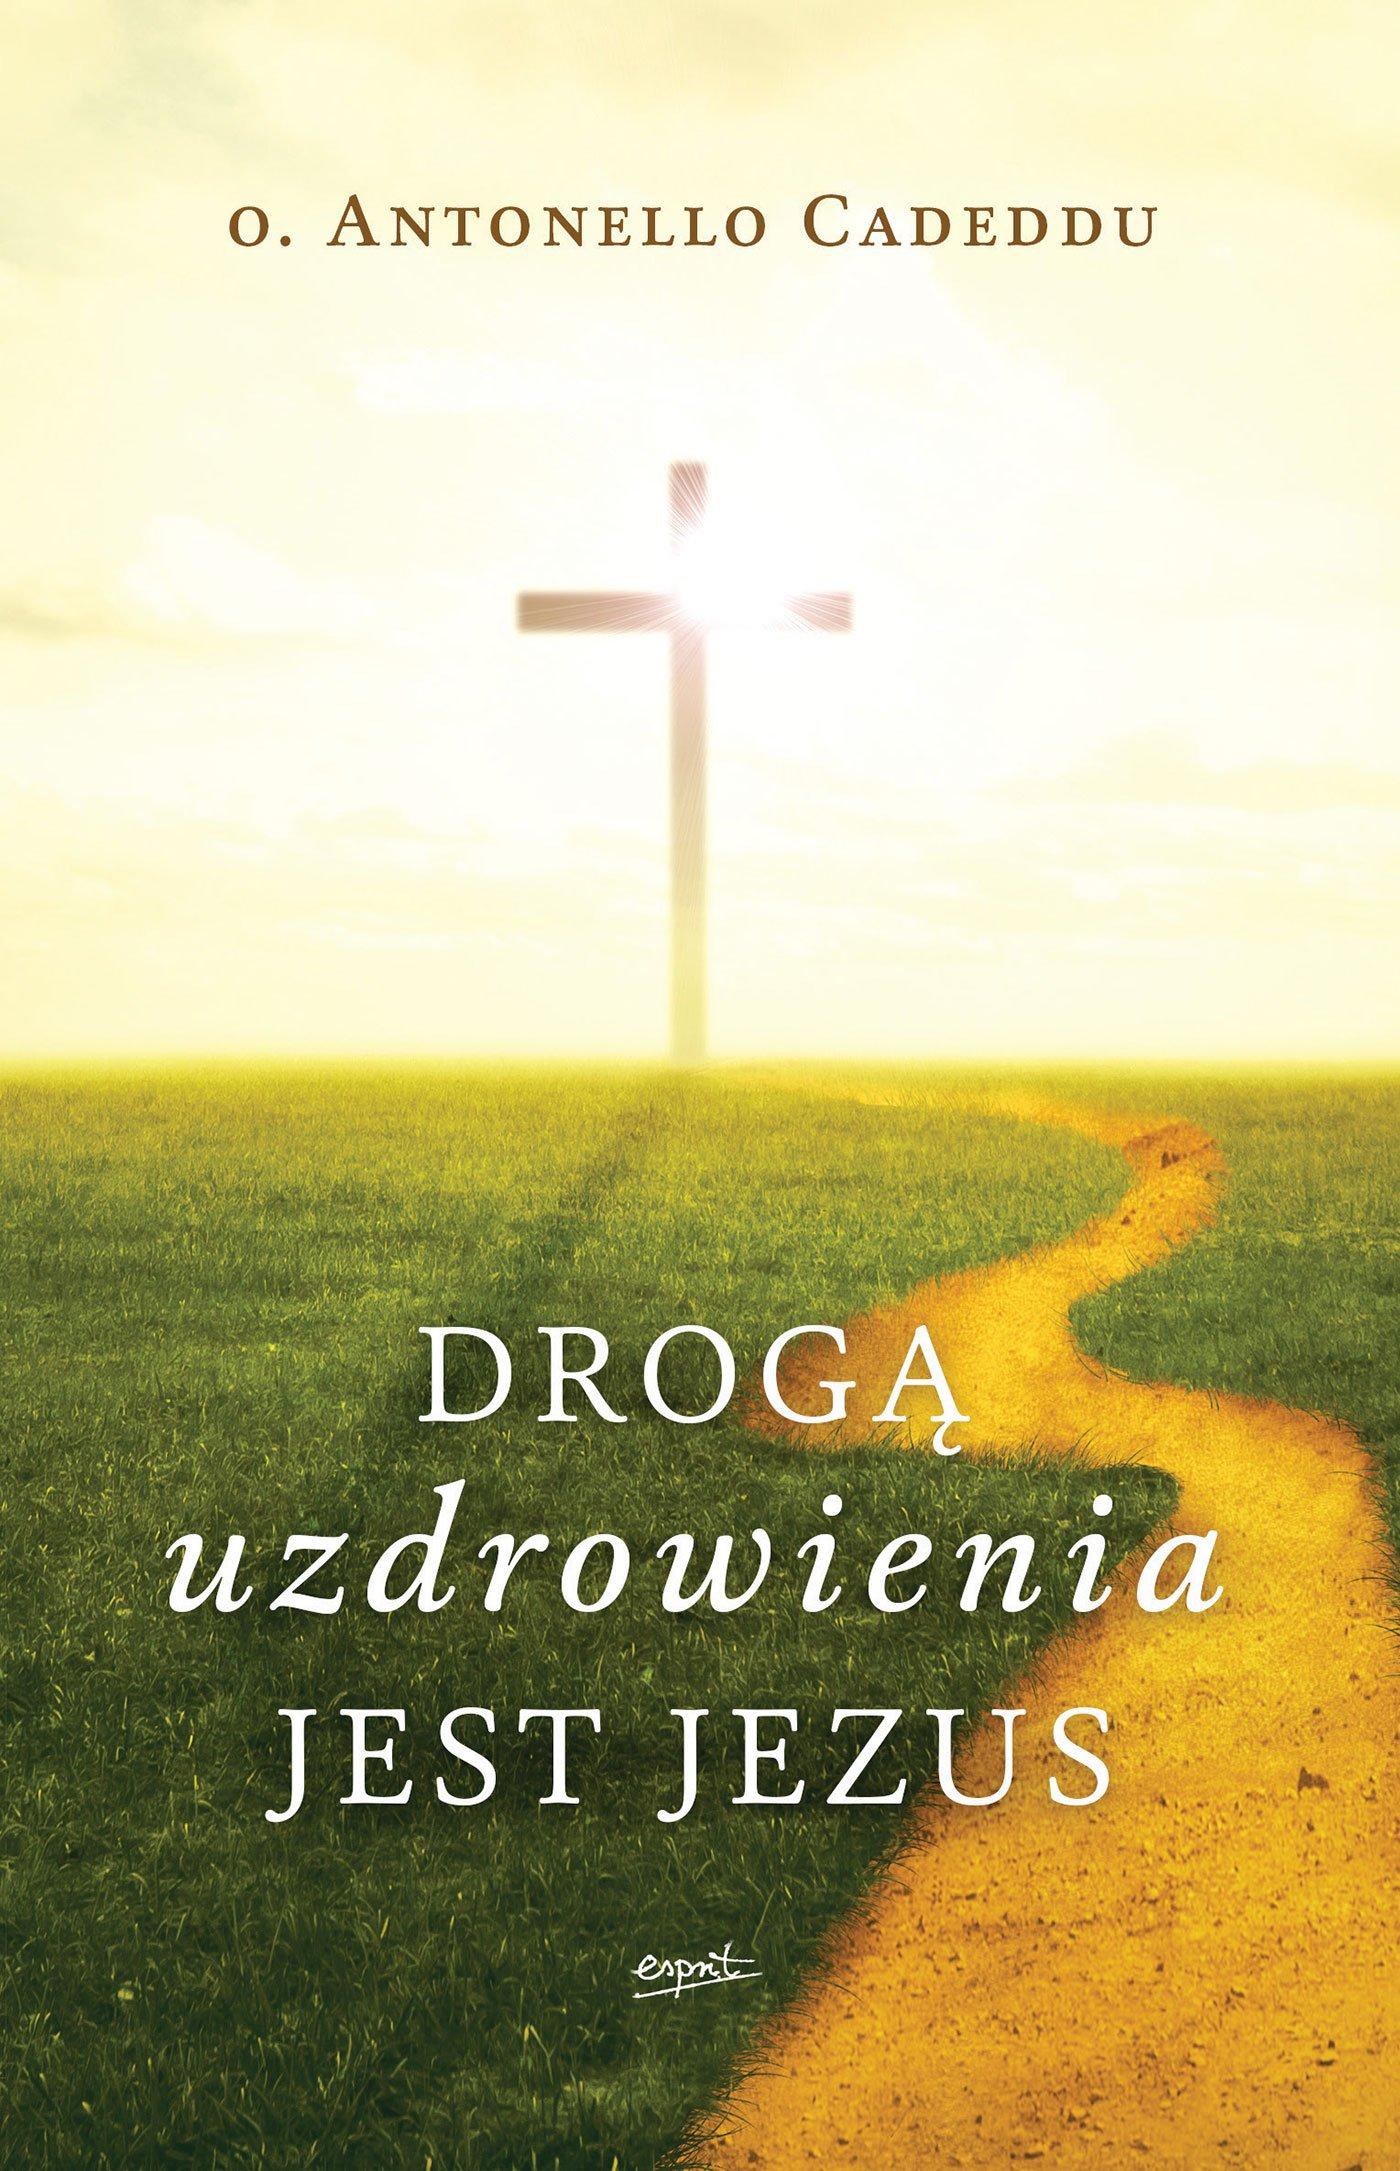 Drogą uzdrowienia jest Jezus - Ebook (Książka na Kindle) do pobrania w formacie MOBI